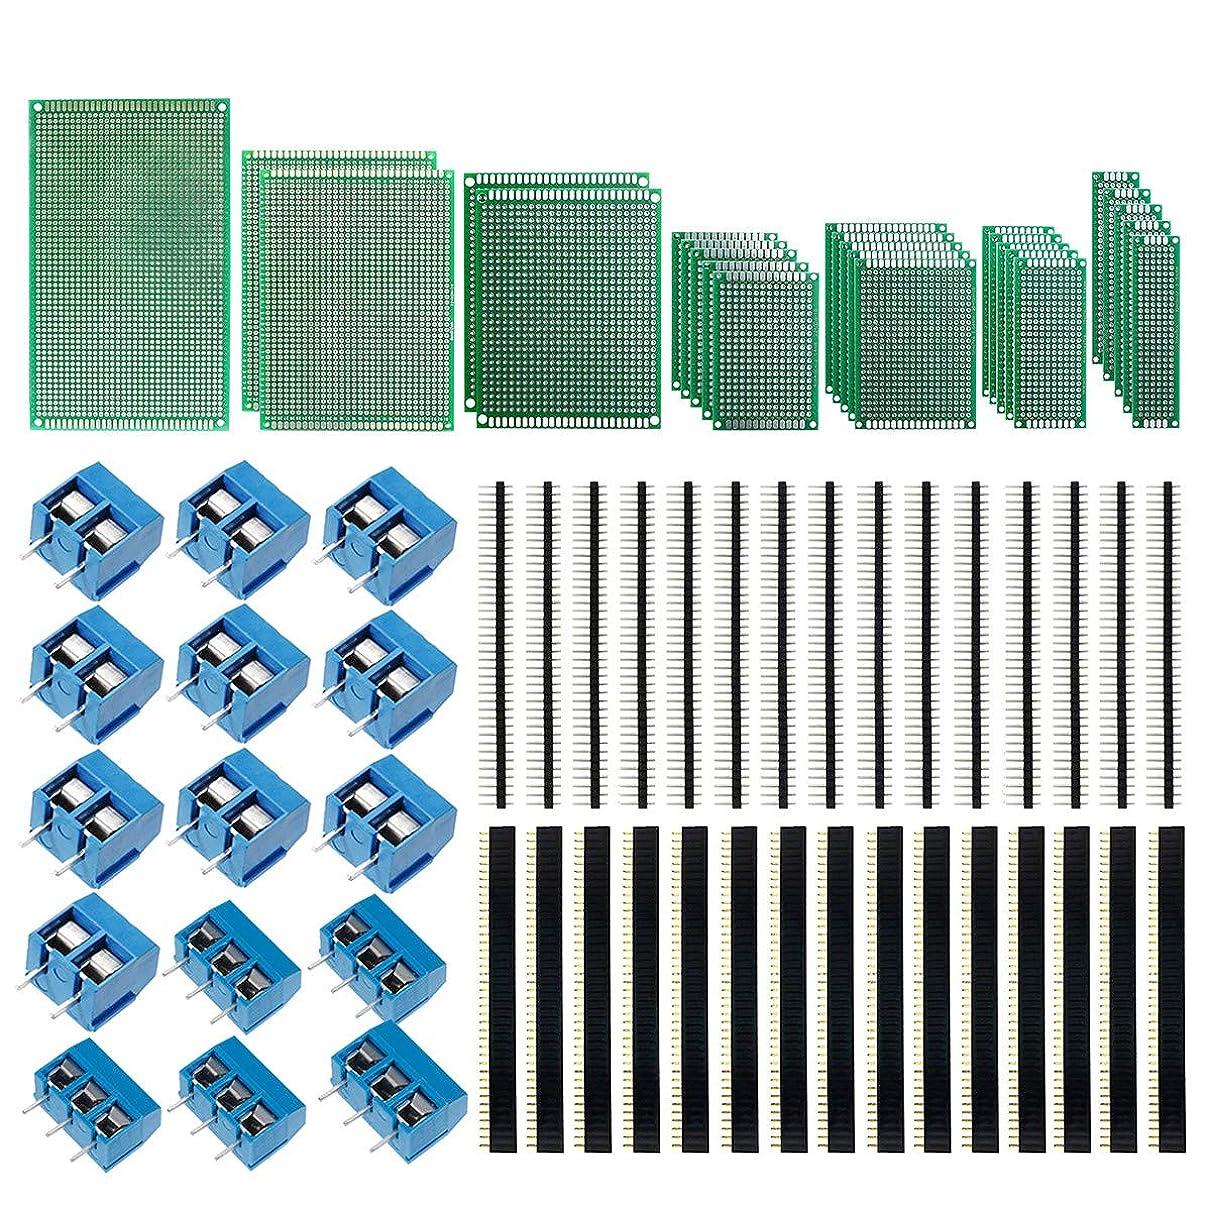 期間三番絶えずKeeYees ユニバーサル基板 PCB回路基板 両面 ターミナルブロックコネクタ 2ピン/ 3ピン ストレートピンヘッダー ピンソケット 40ピン PCBキット